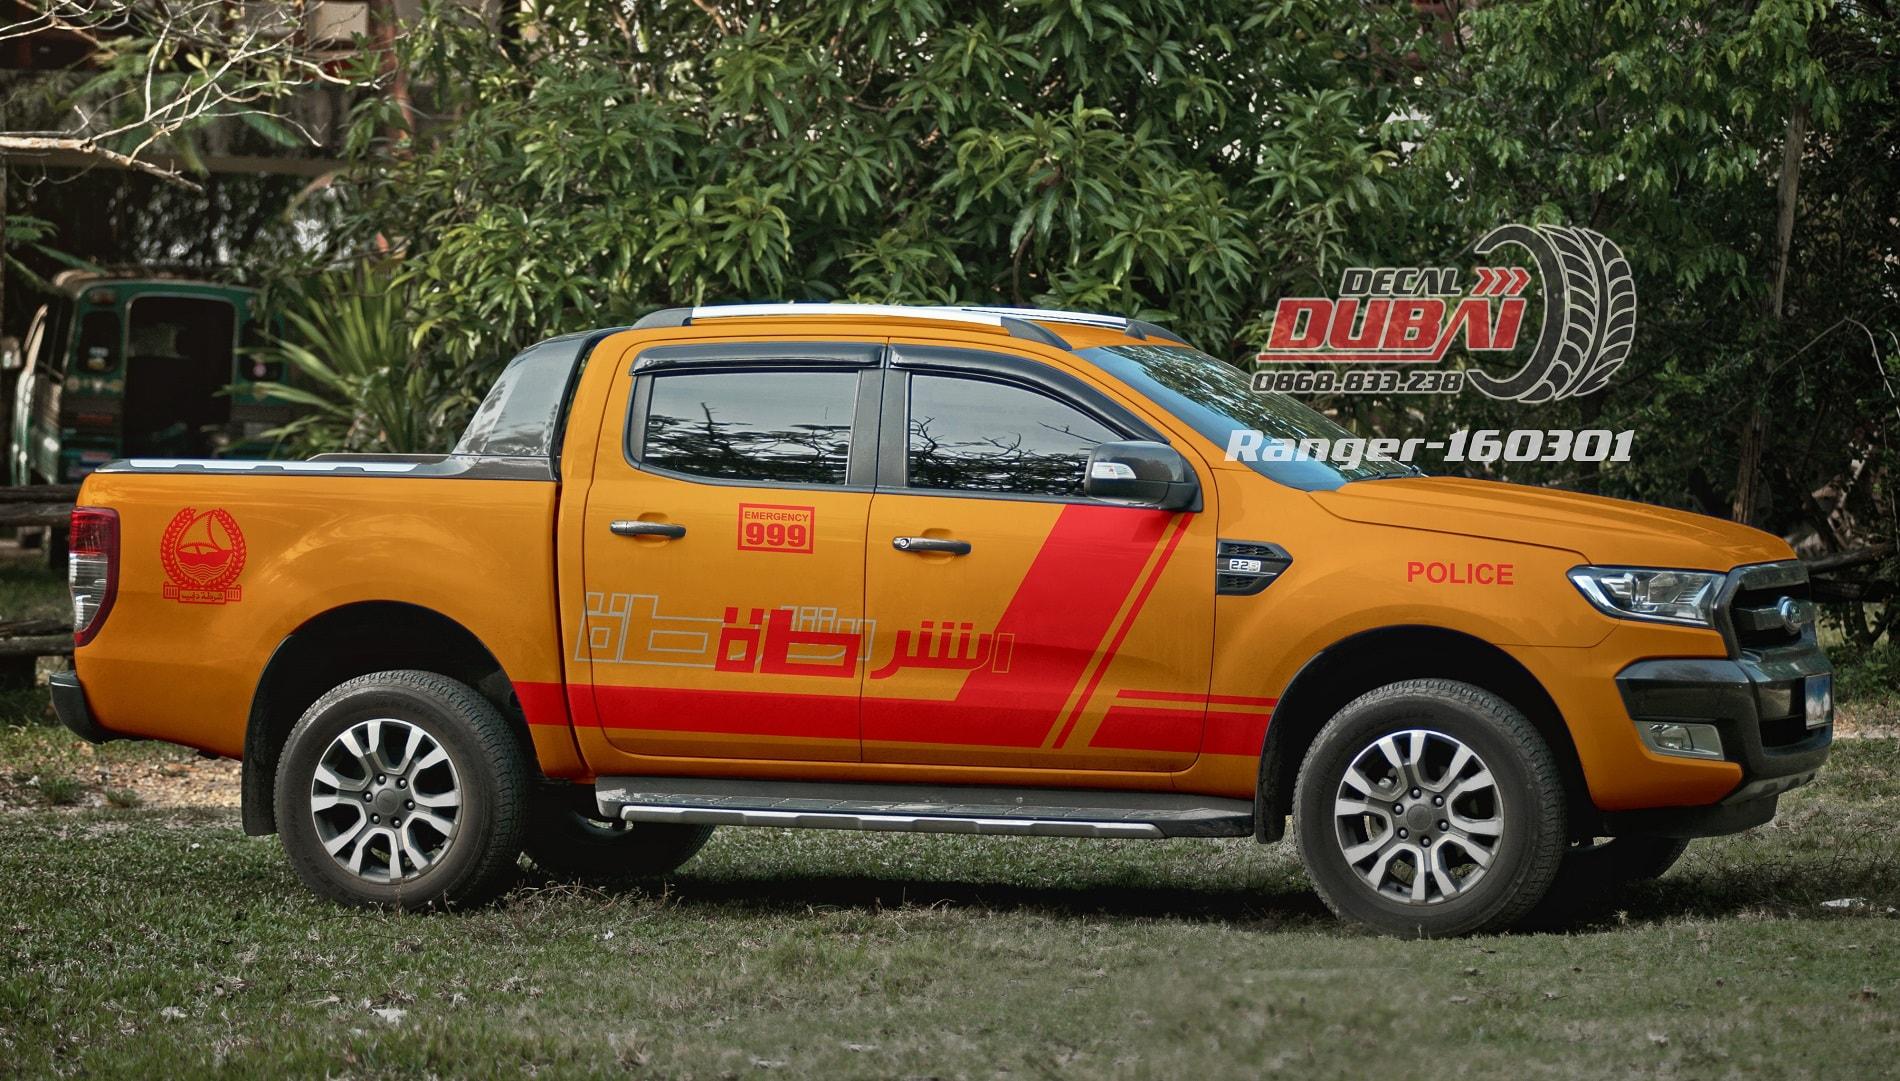 Tem-xe-ranger-5-160301-1650k-min